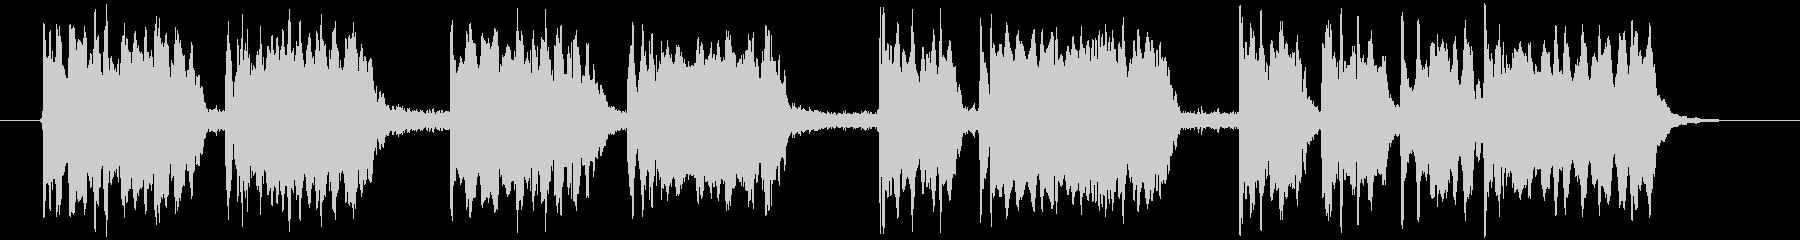 ブルズクォートとティンパニの未再生の波形